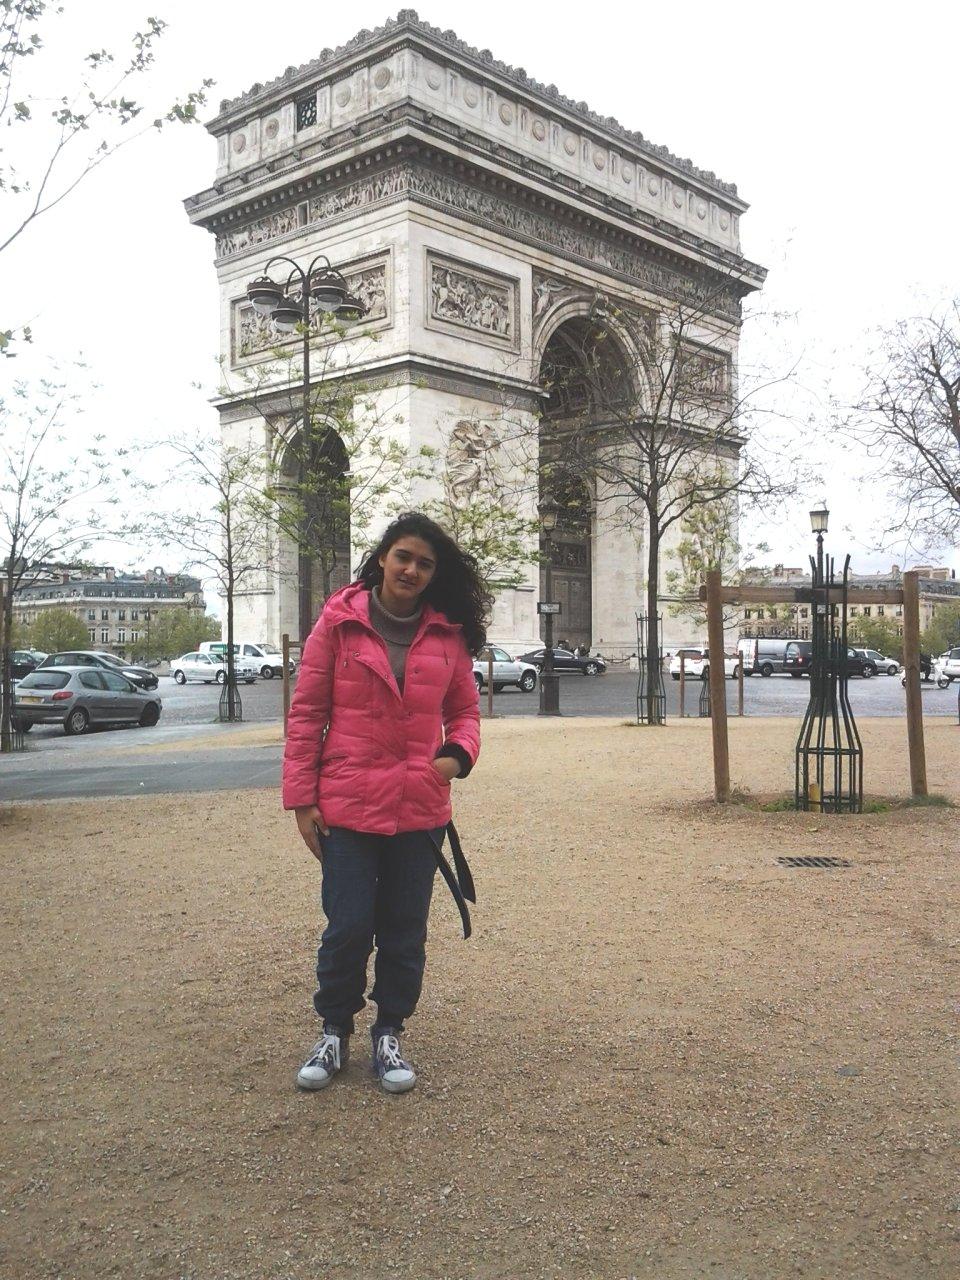 Nazxanım Dadaşova Parisdə beynəlxalq müsabiqənin qalibi olub (FOTO)